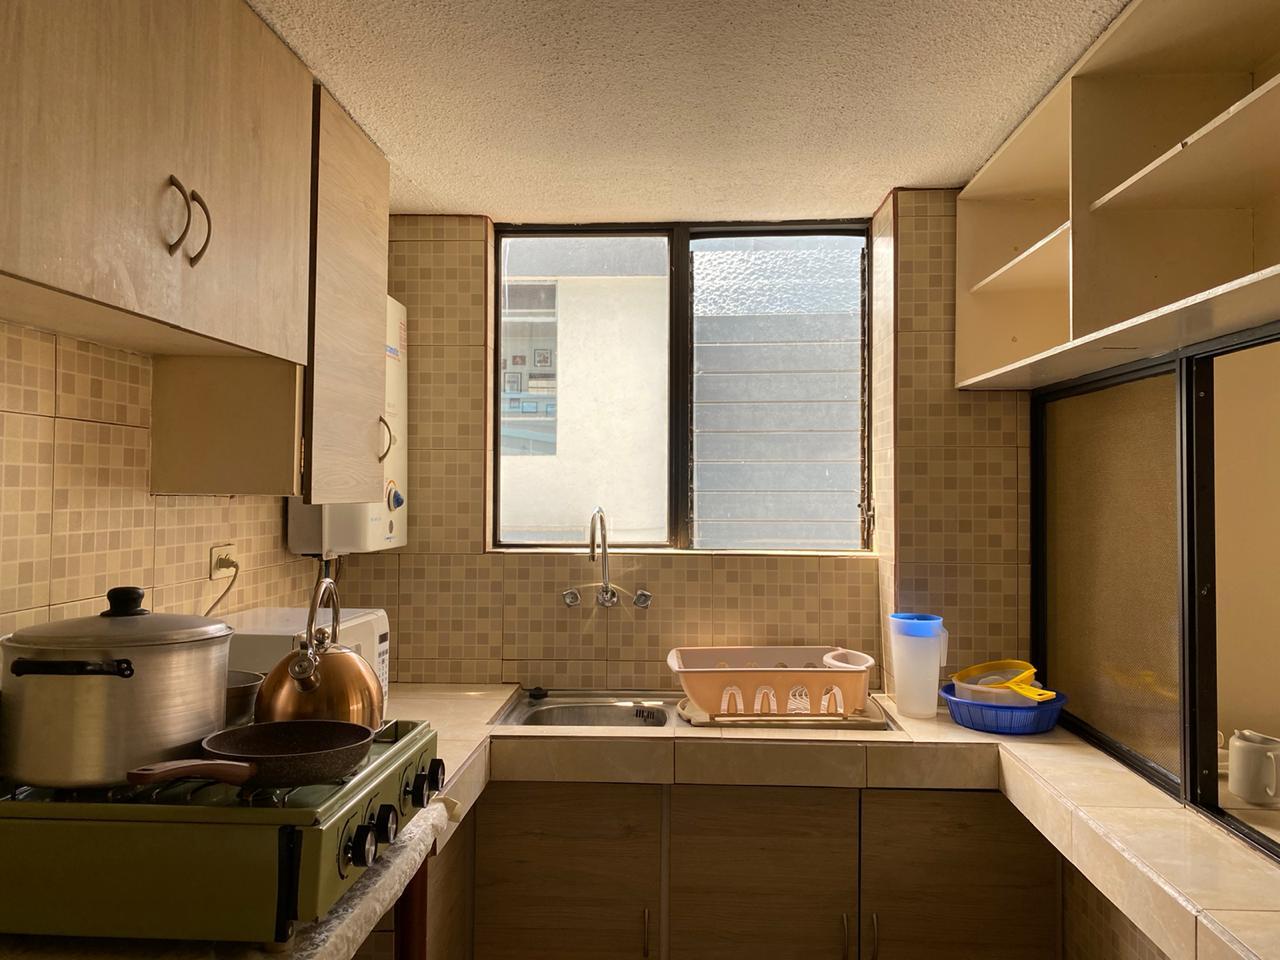 cocina d202